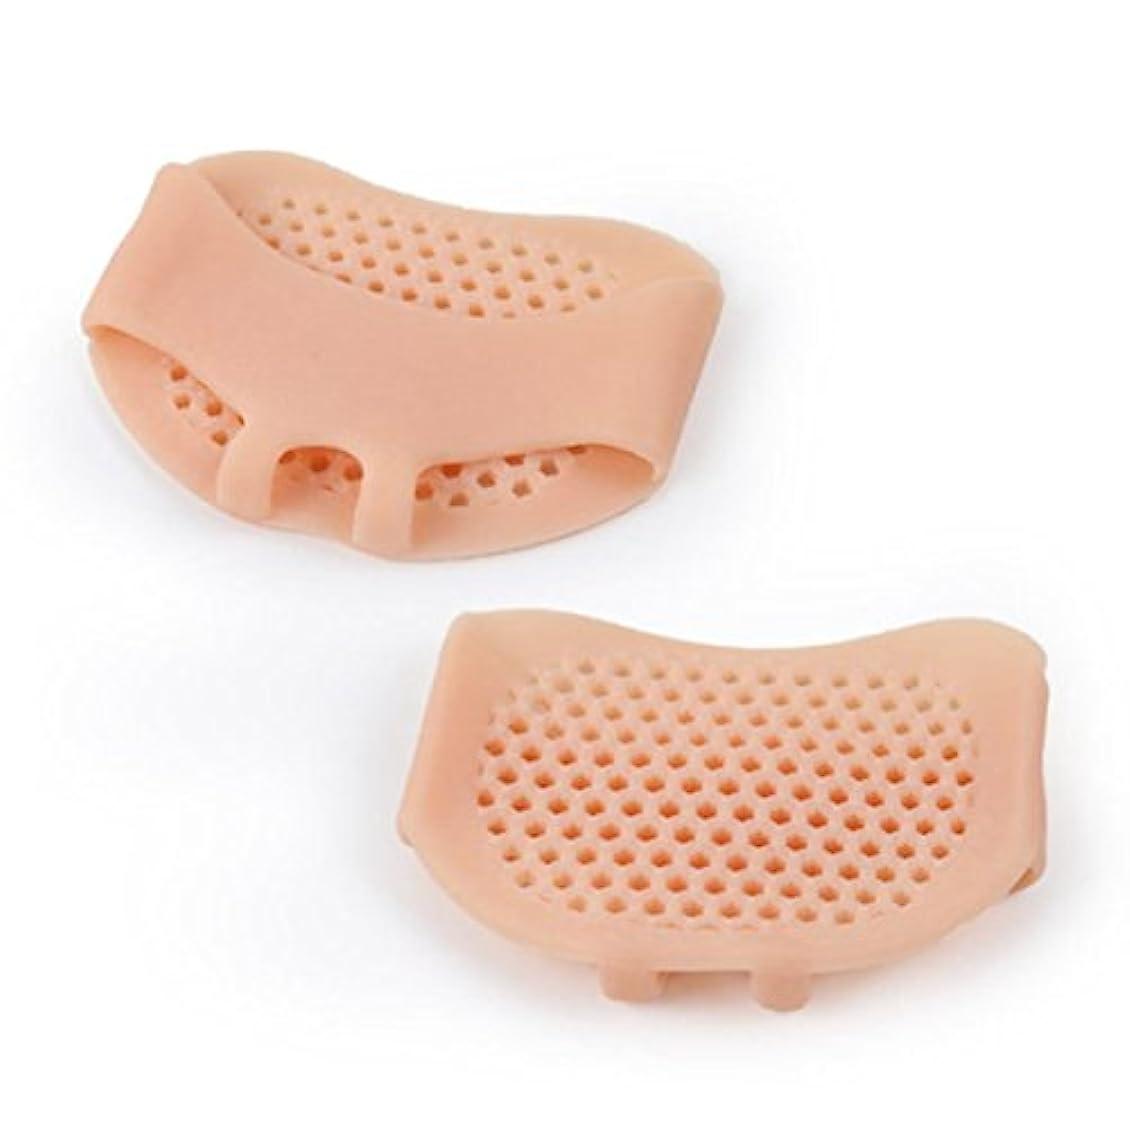 枯渇する誰検証通気性のあるソフトシリコン女性インソールパッド滑り止め快適な女性フロントフットケアクッションハイヒール靴パッド-肌の色